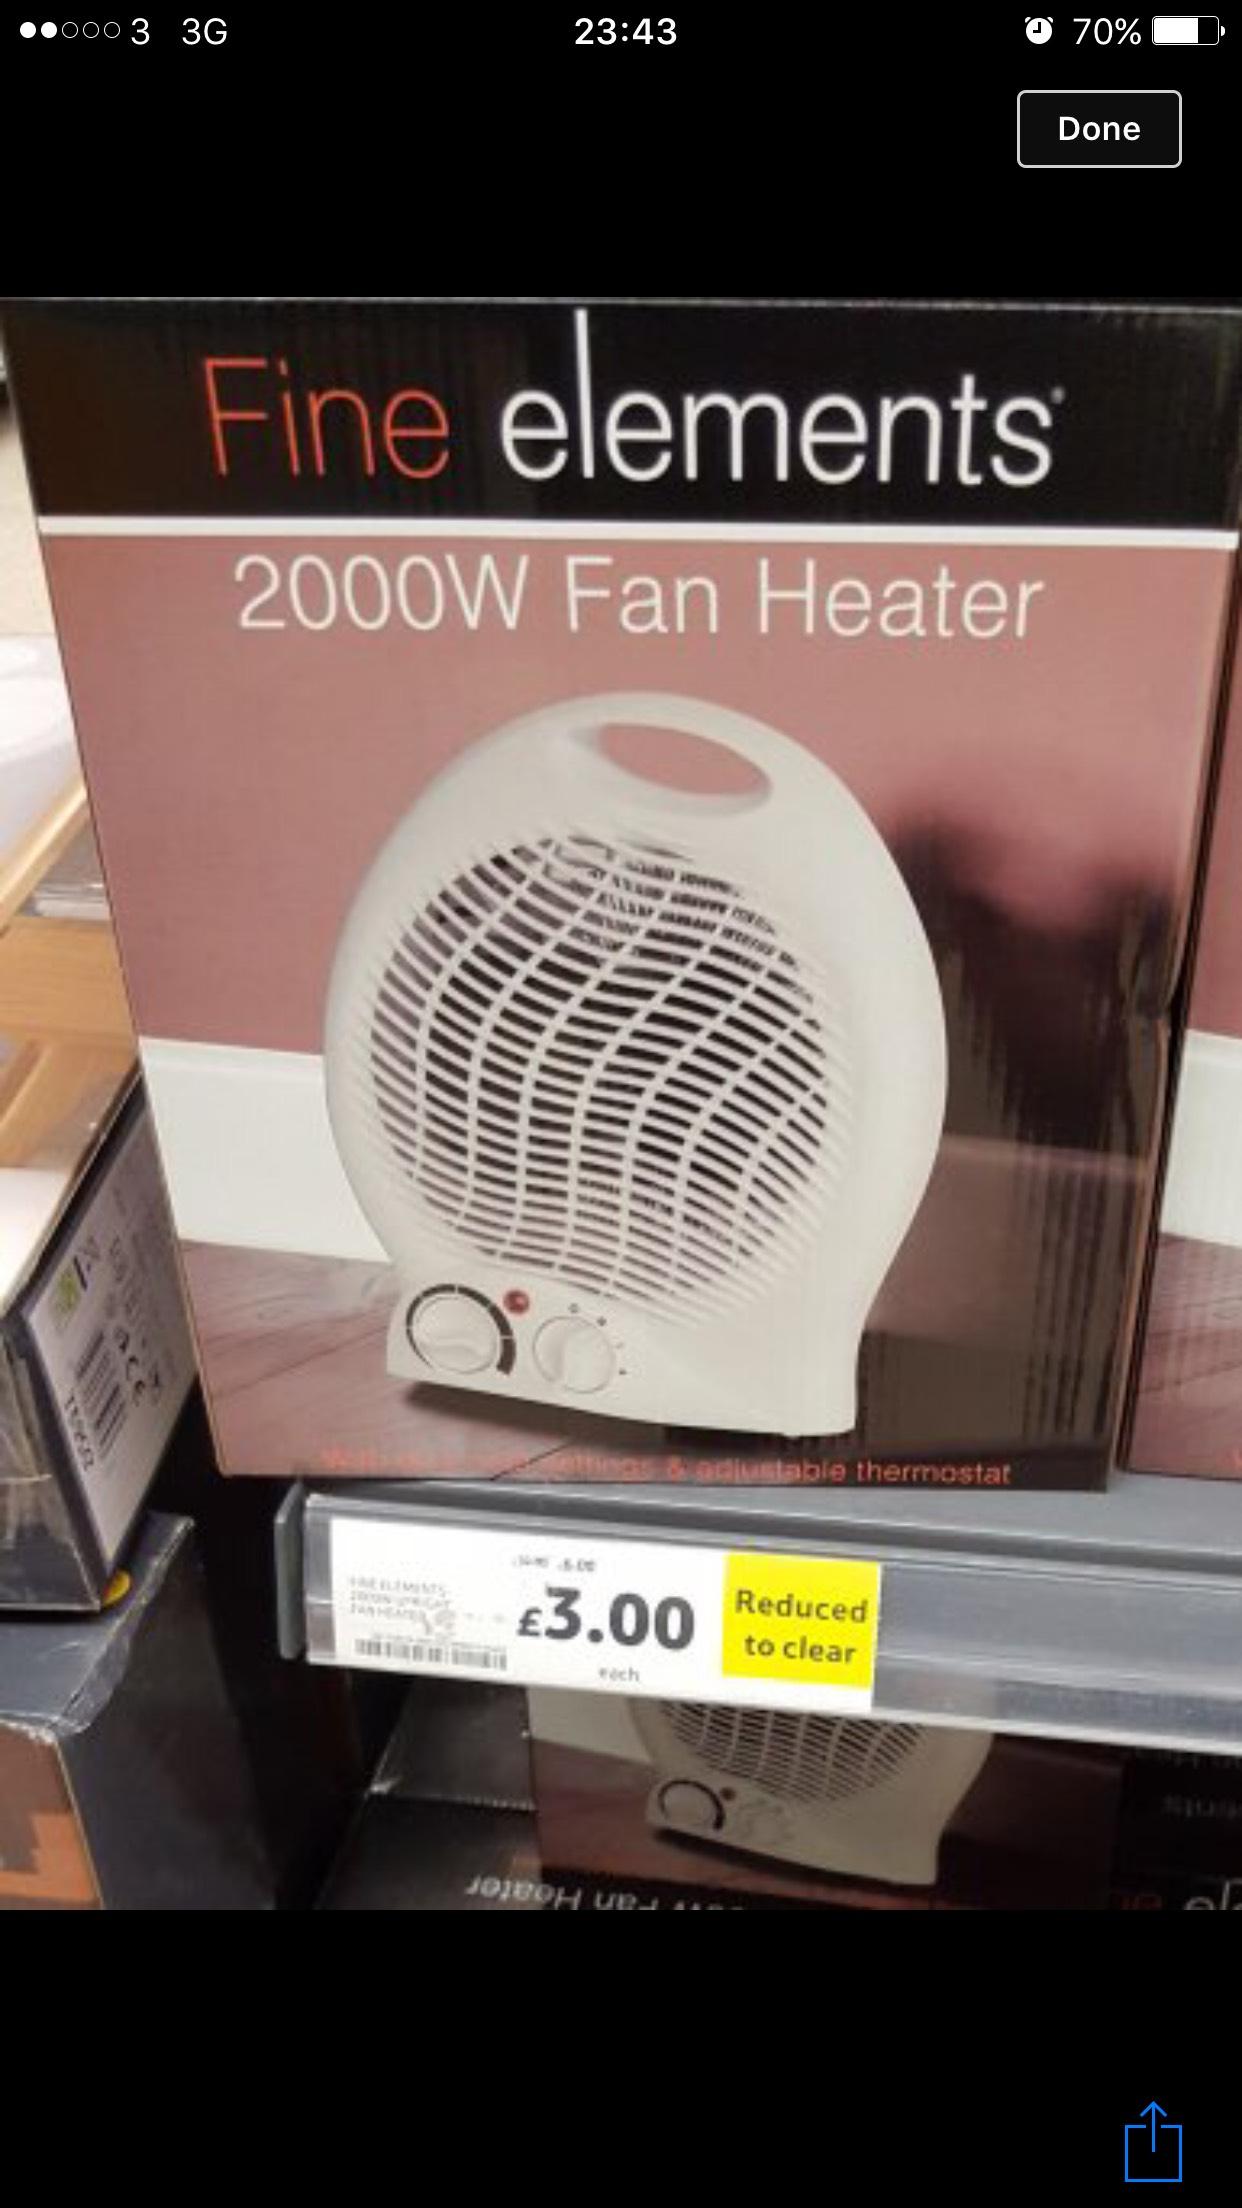 2000 Watts Fan / Fan Heater was £15 now £3 at Tesco